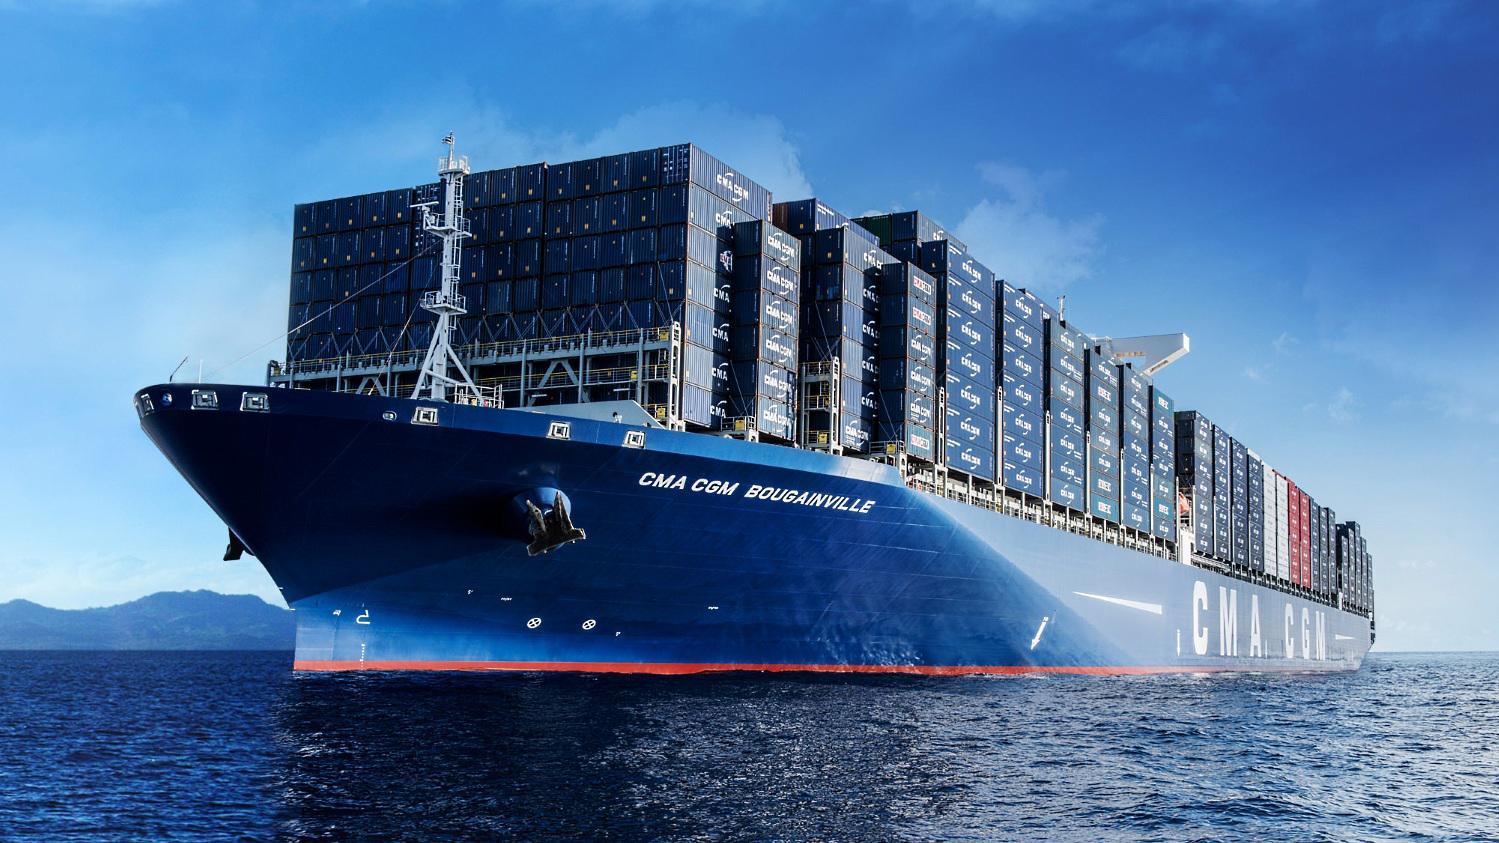 Le bougainville le plus gros porte containers au monde - Quel est le plus grand porte avion du monde ...